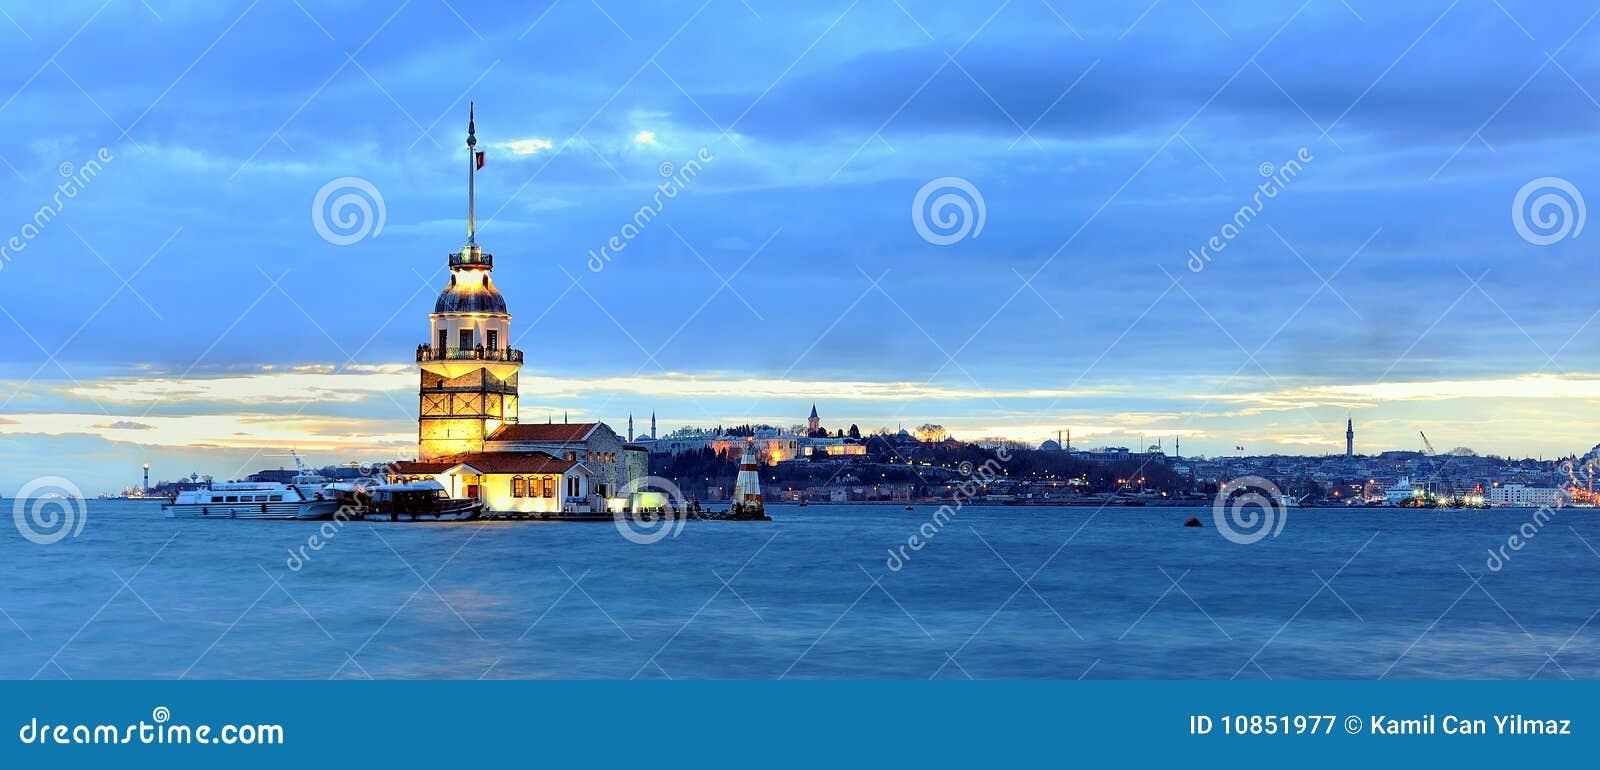 Maiden Tower Panaromic